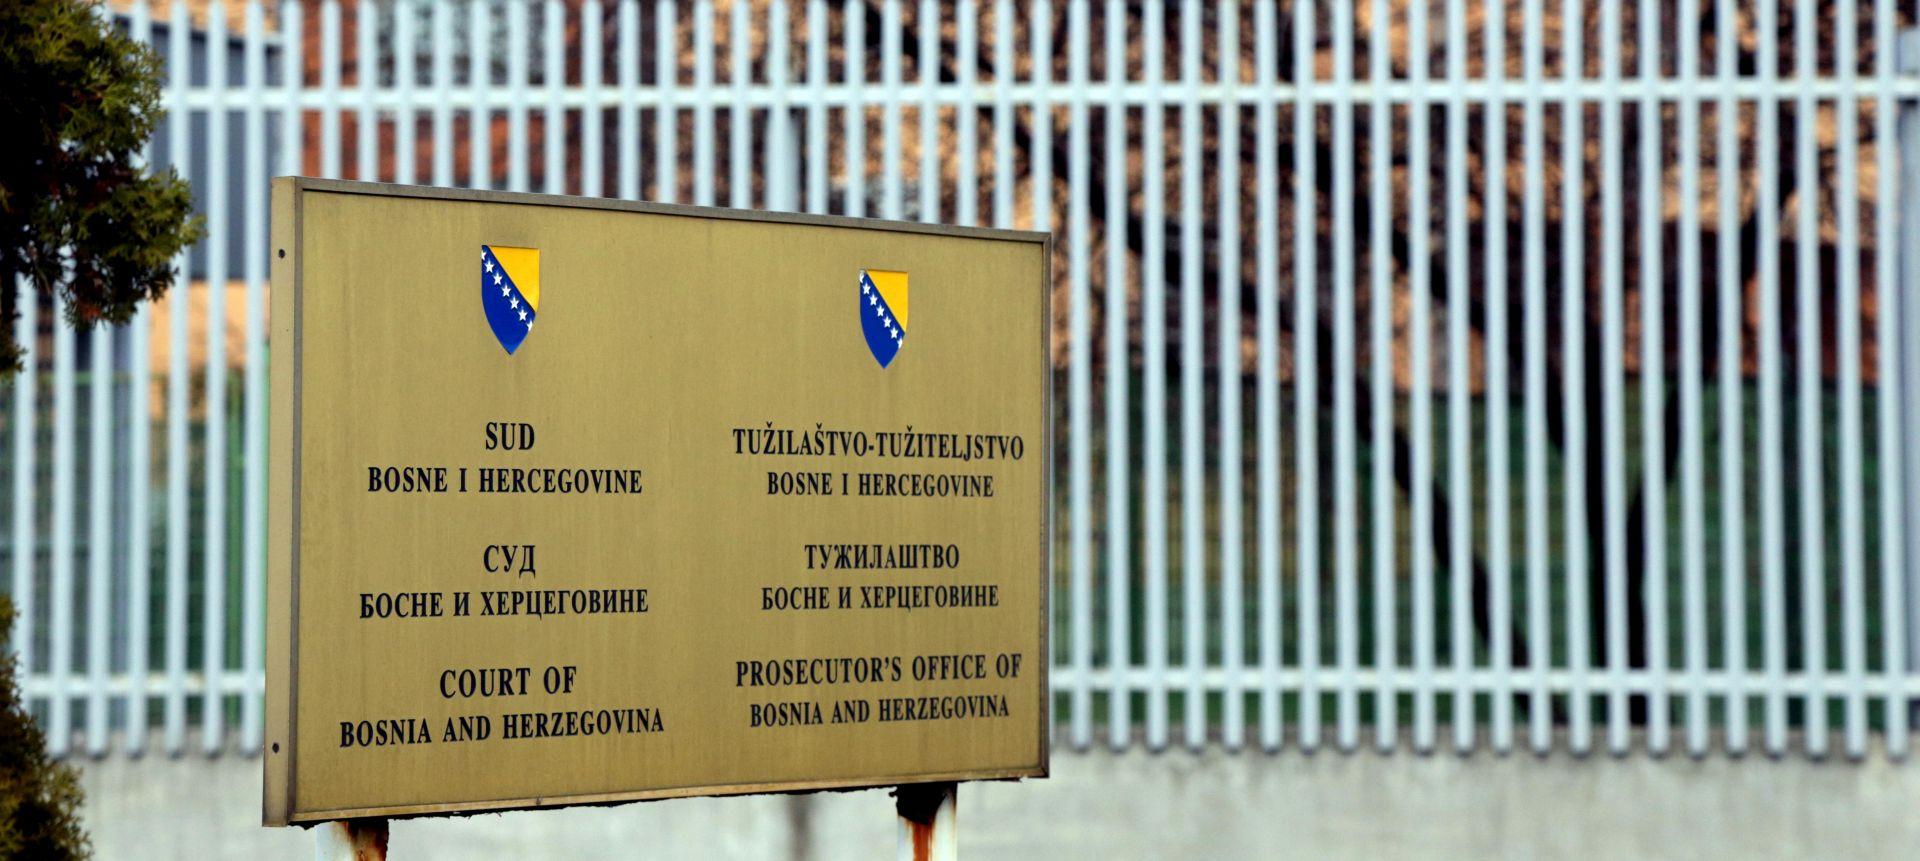 HSP AS osudio uhićenja bivših pripadnika HVO-a u BiH